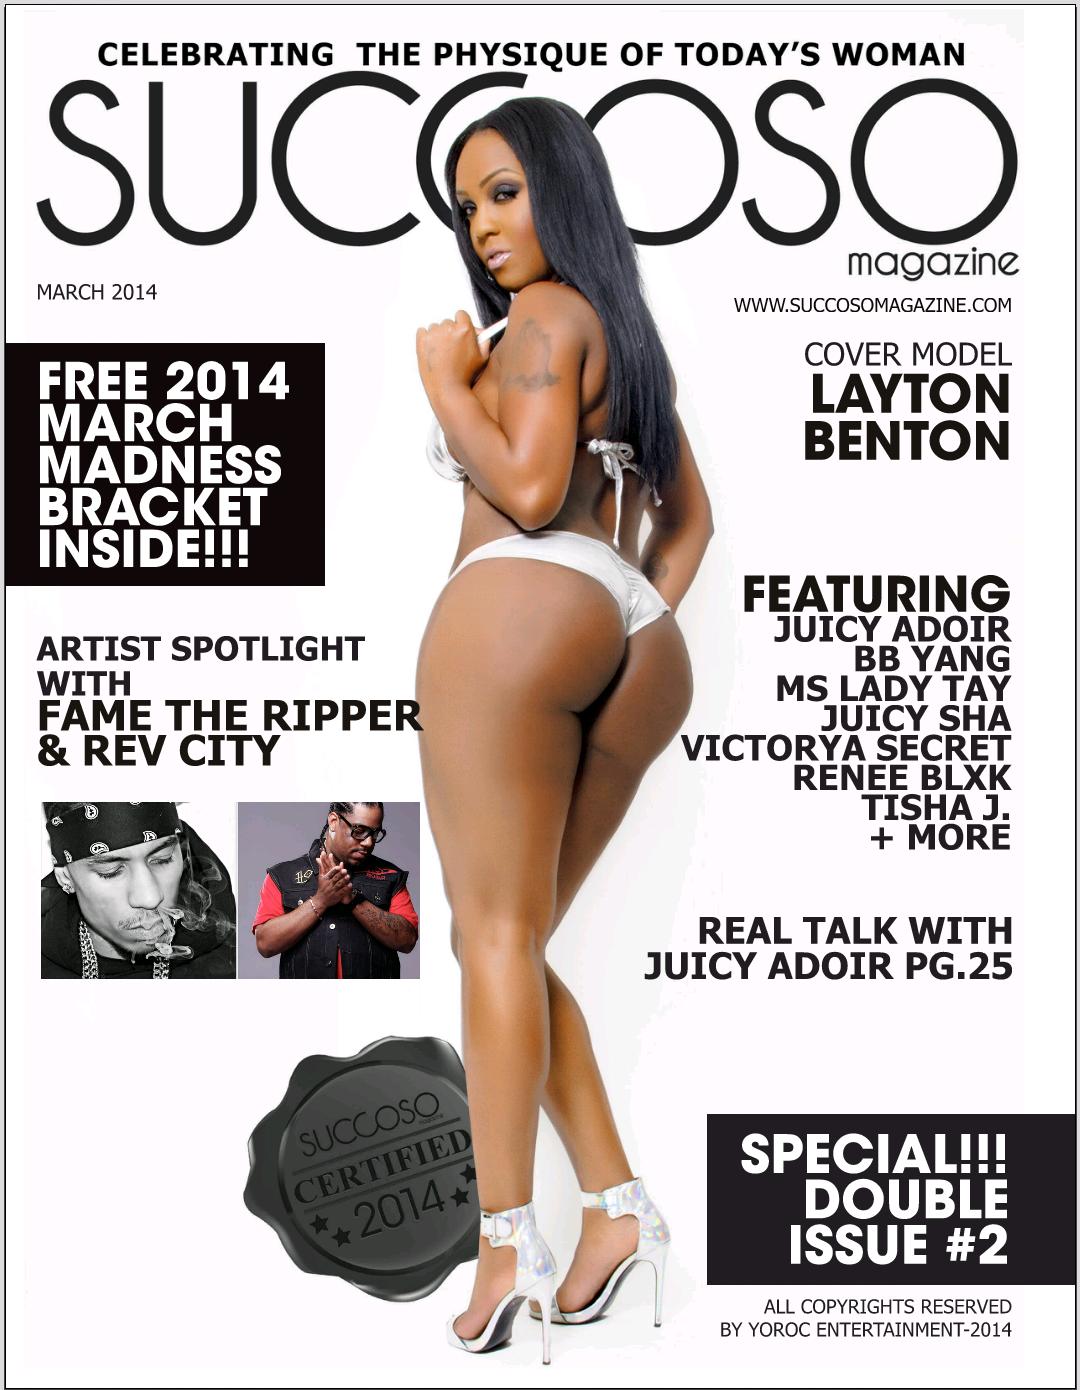 Succoso Magazine Succoso Magazine Double Issue 2 Ft Cover Model Layton Benton Www Succosomagazine Com Succosomagazine Mens Magazine